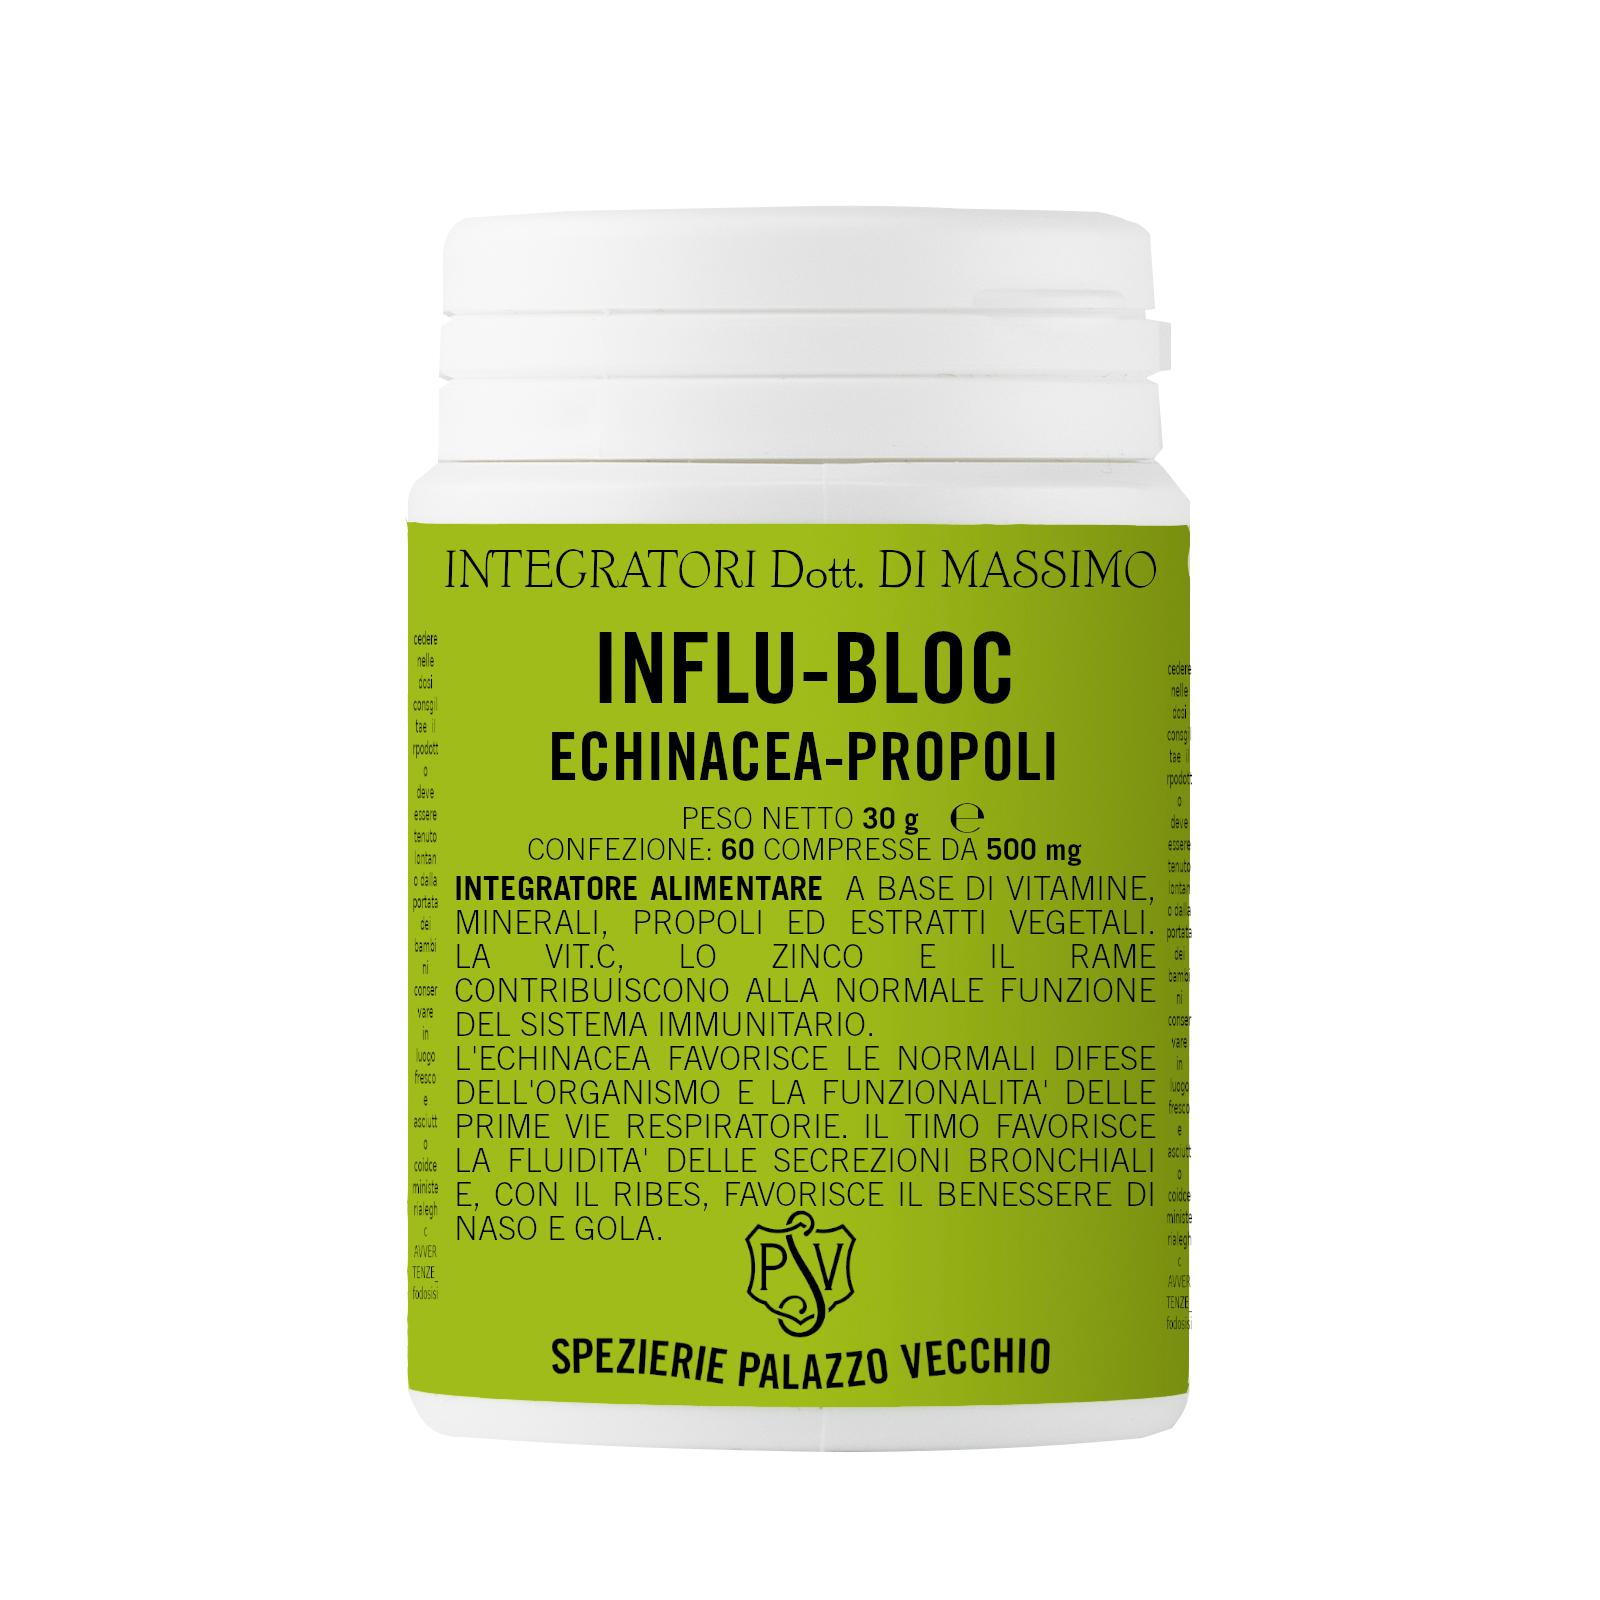 INFLU-BLOC